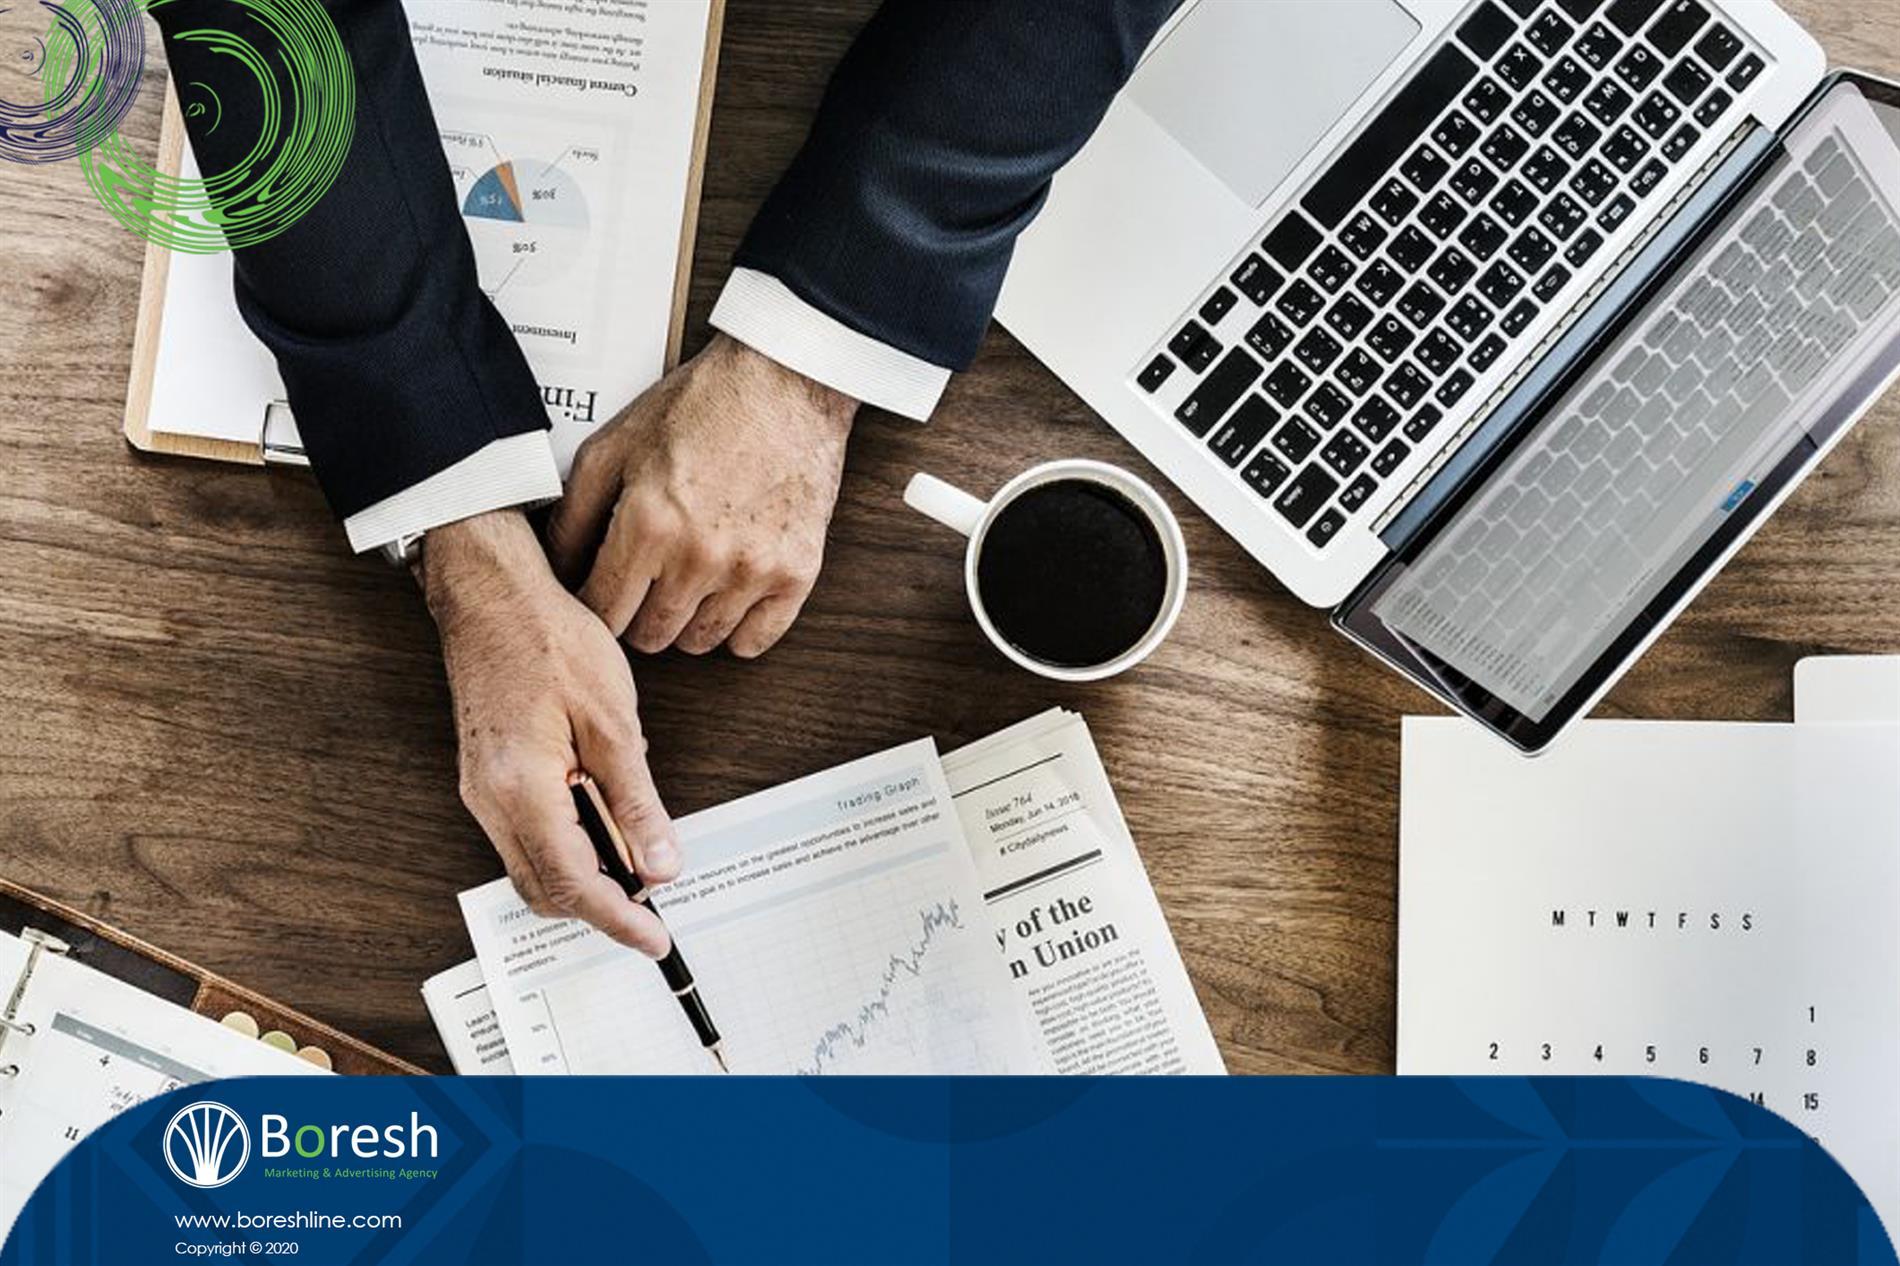 مدل کسب و کار تفکیکی چیست؟ - گروه برندسازی، تبلیغات،بازاریابی و توسعه کسب و کار برش